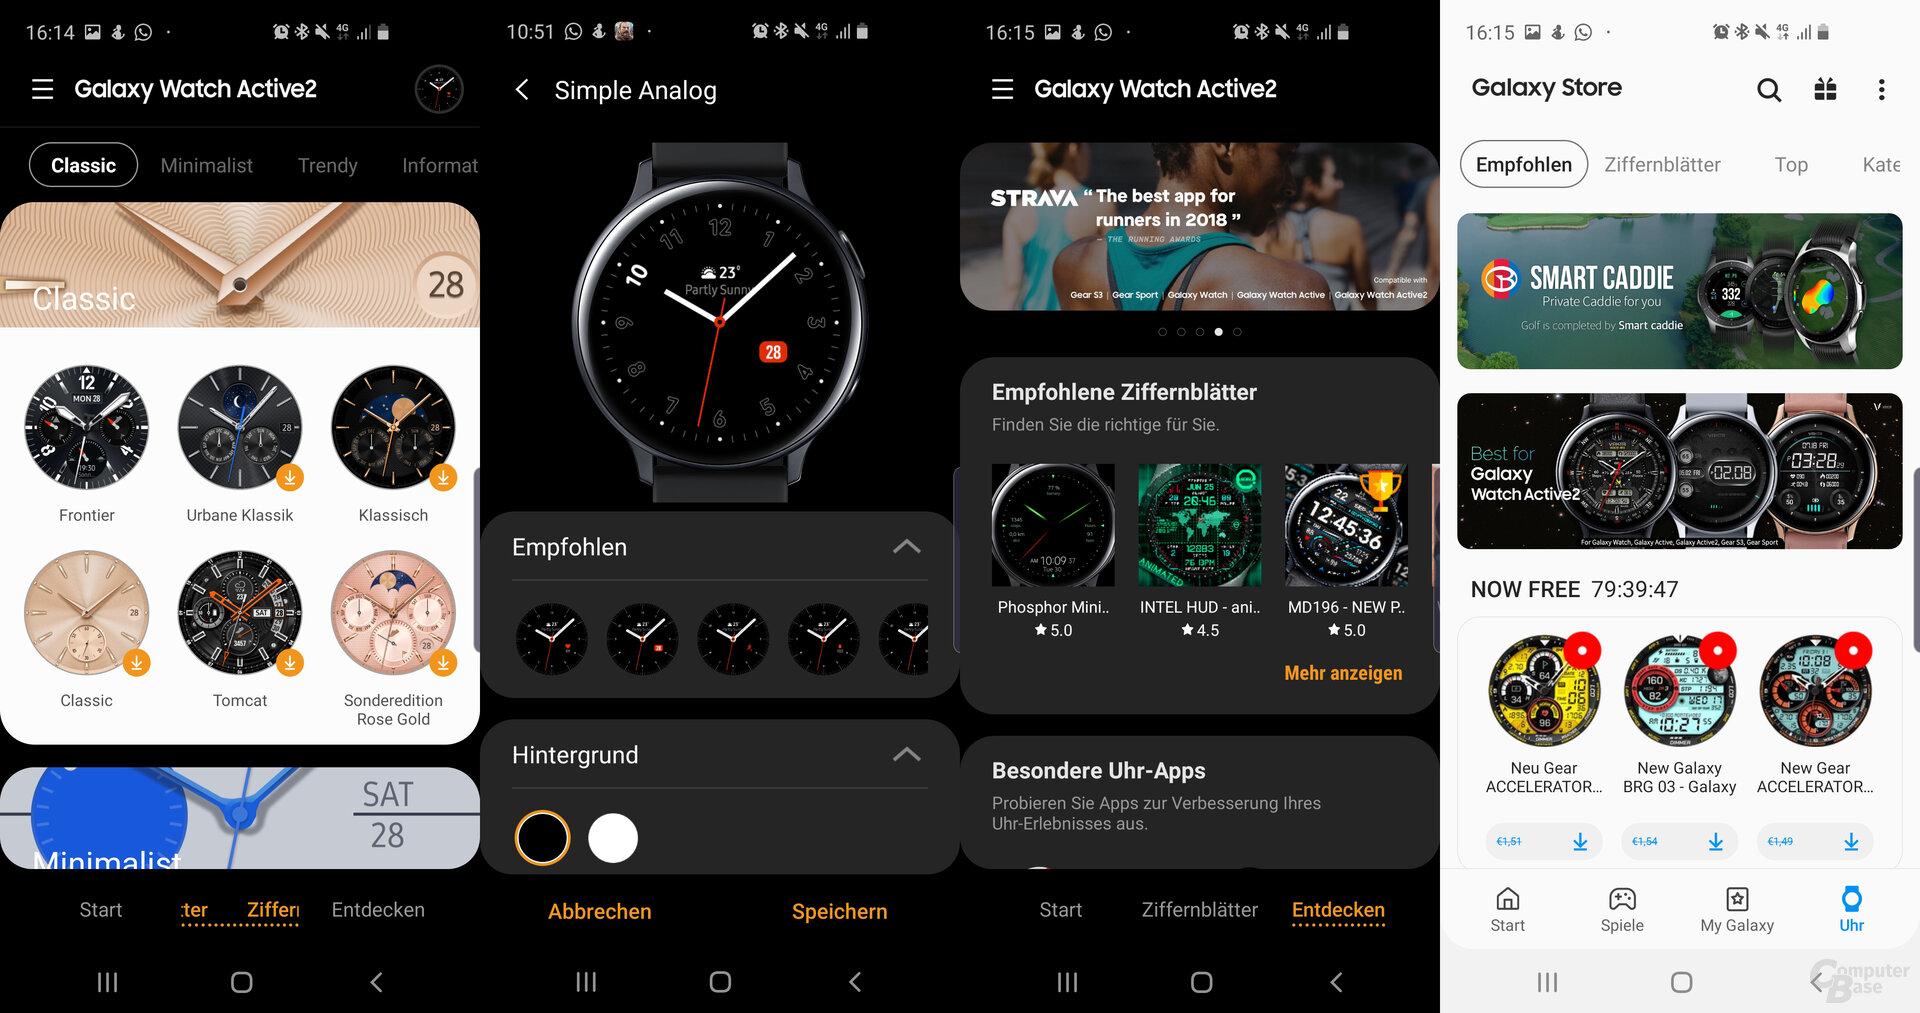 Galaxy-Wearable-App: Ziffernblätter und Apps